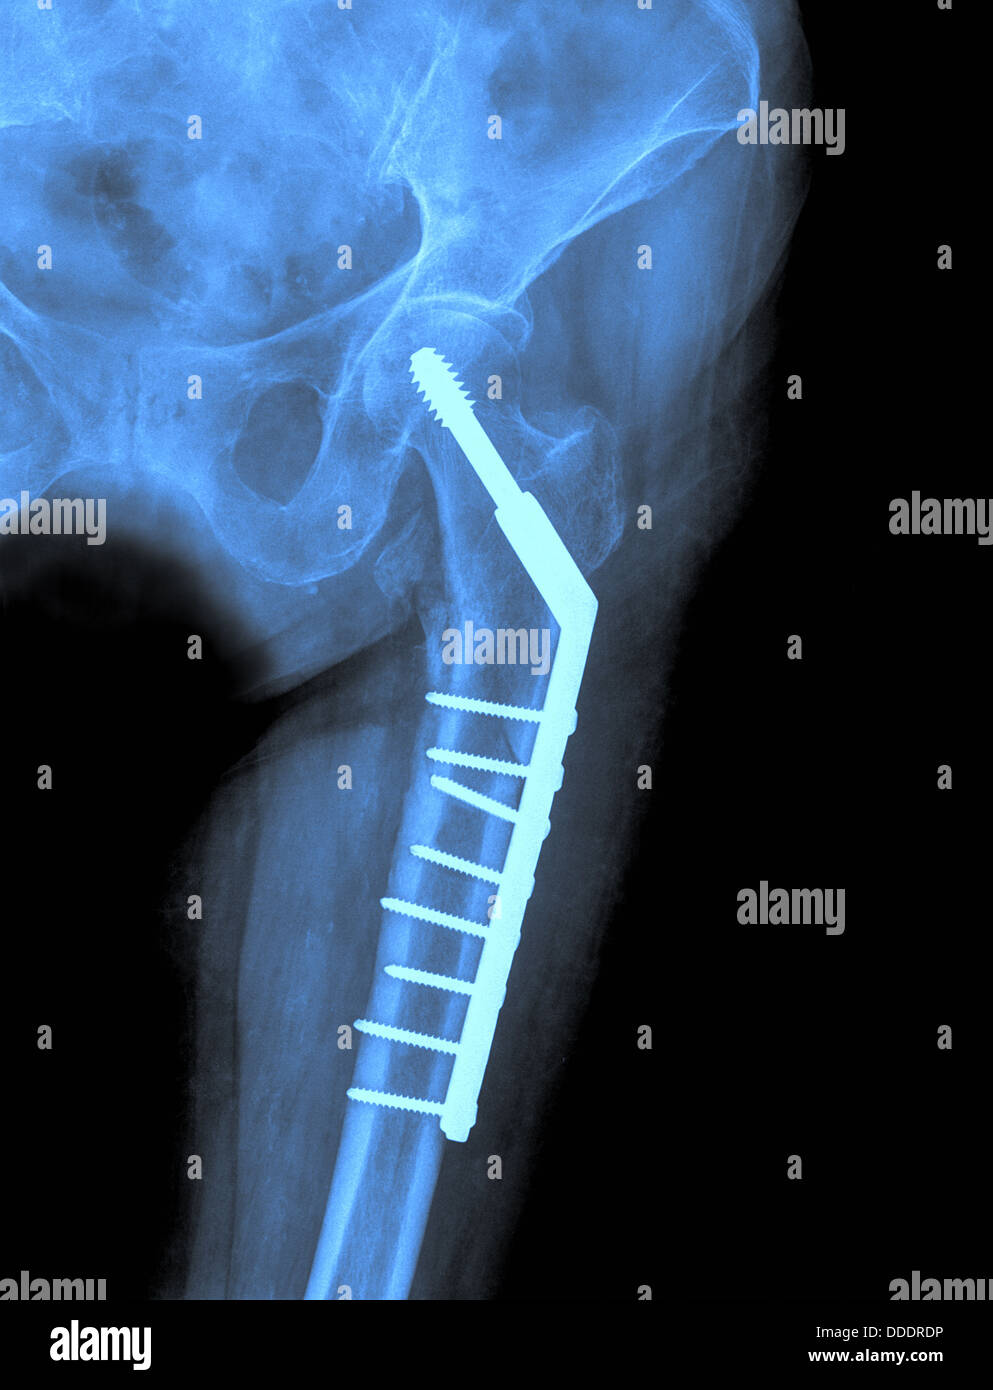 Hip xray image medical background - Stock Image